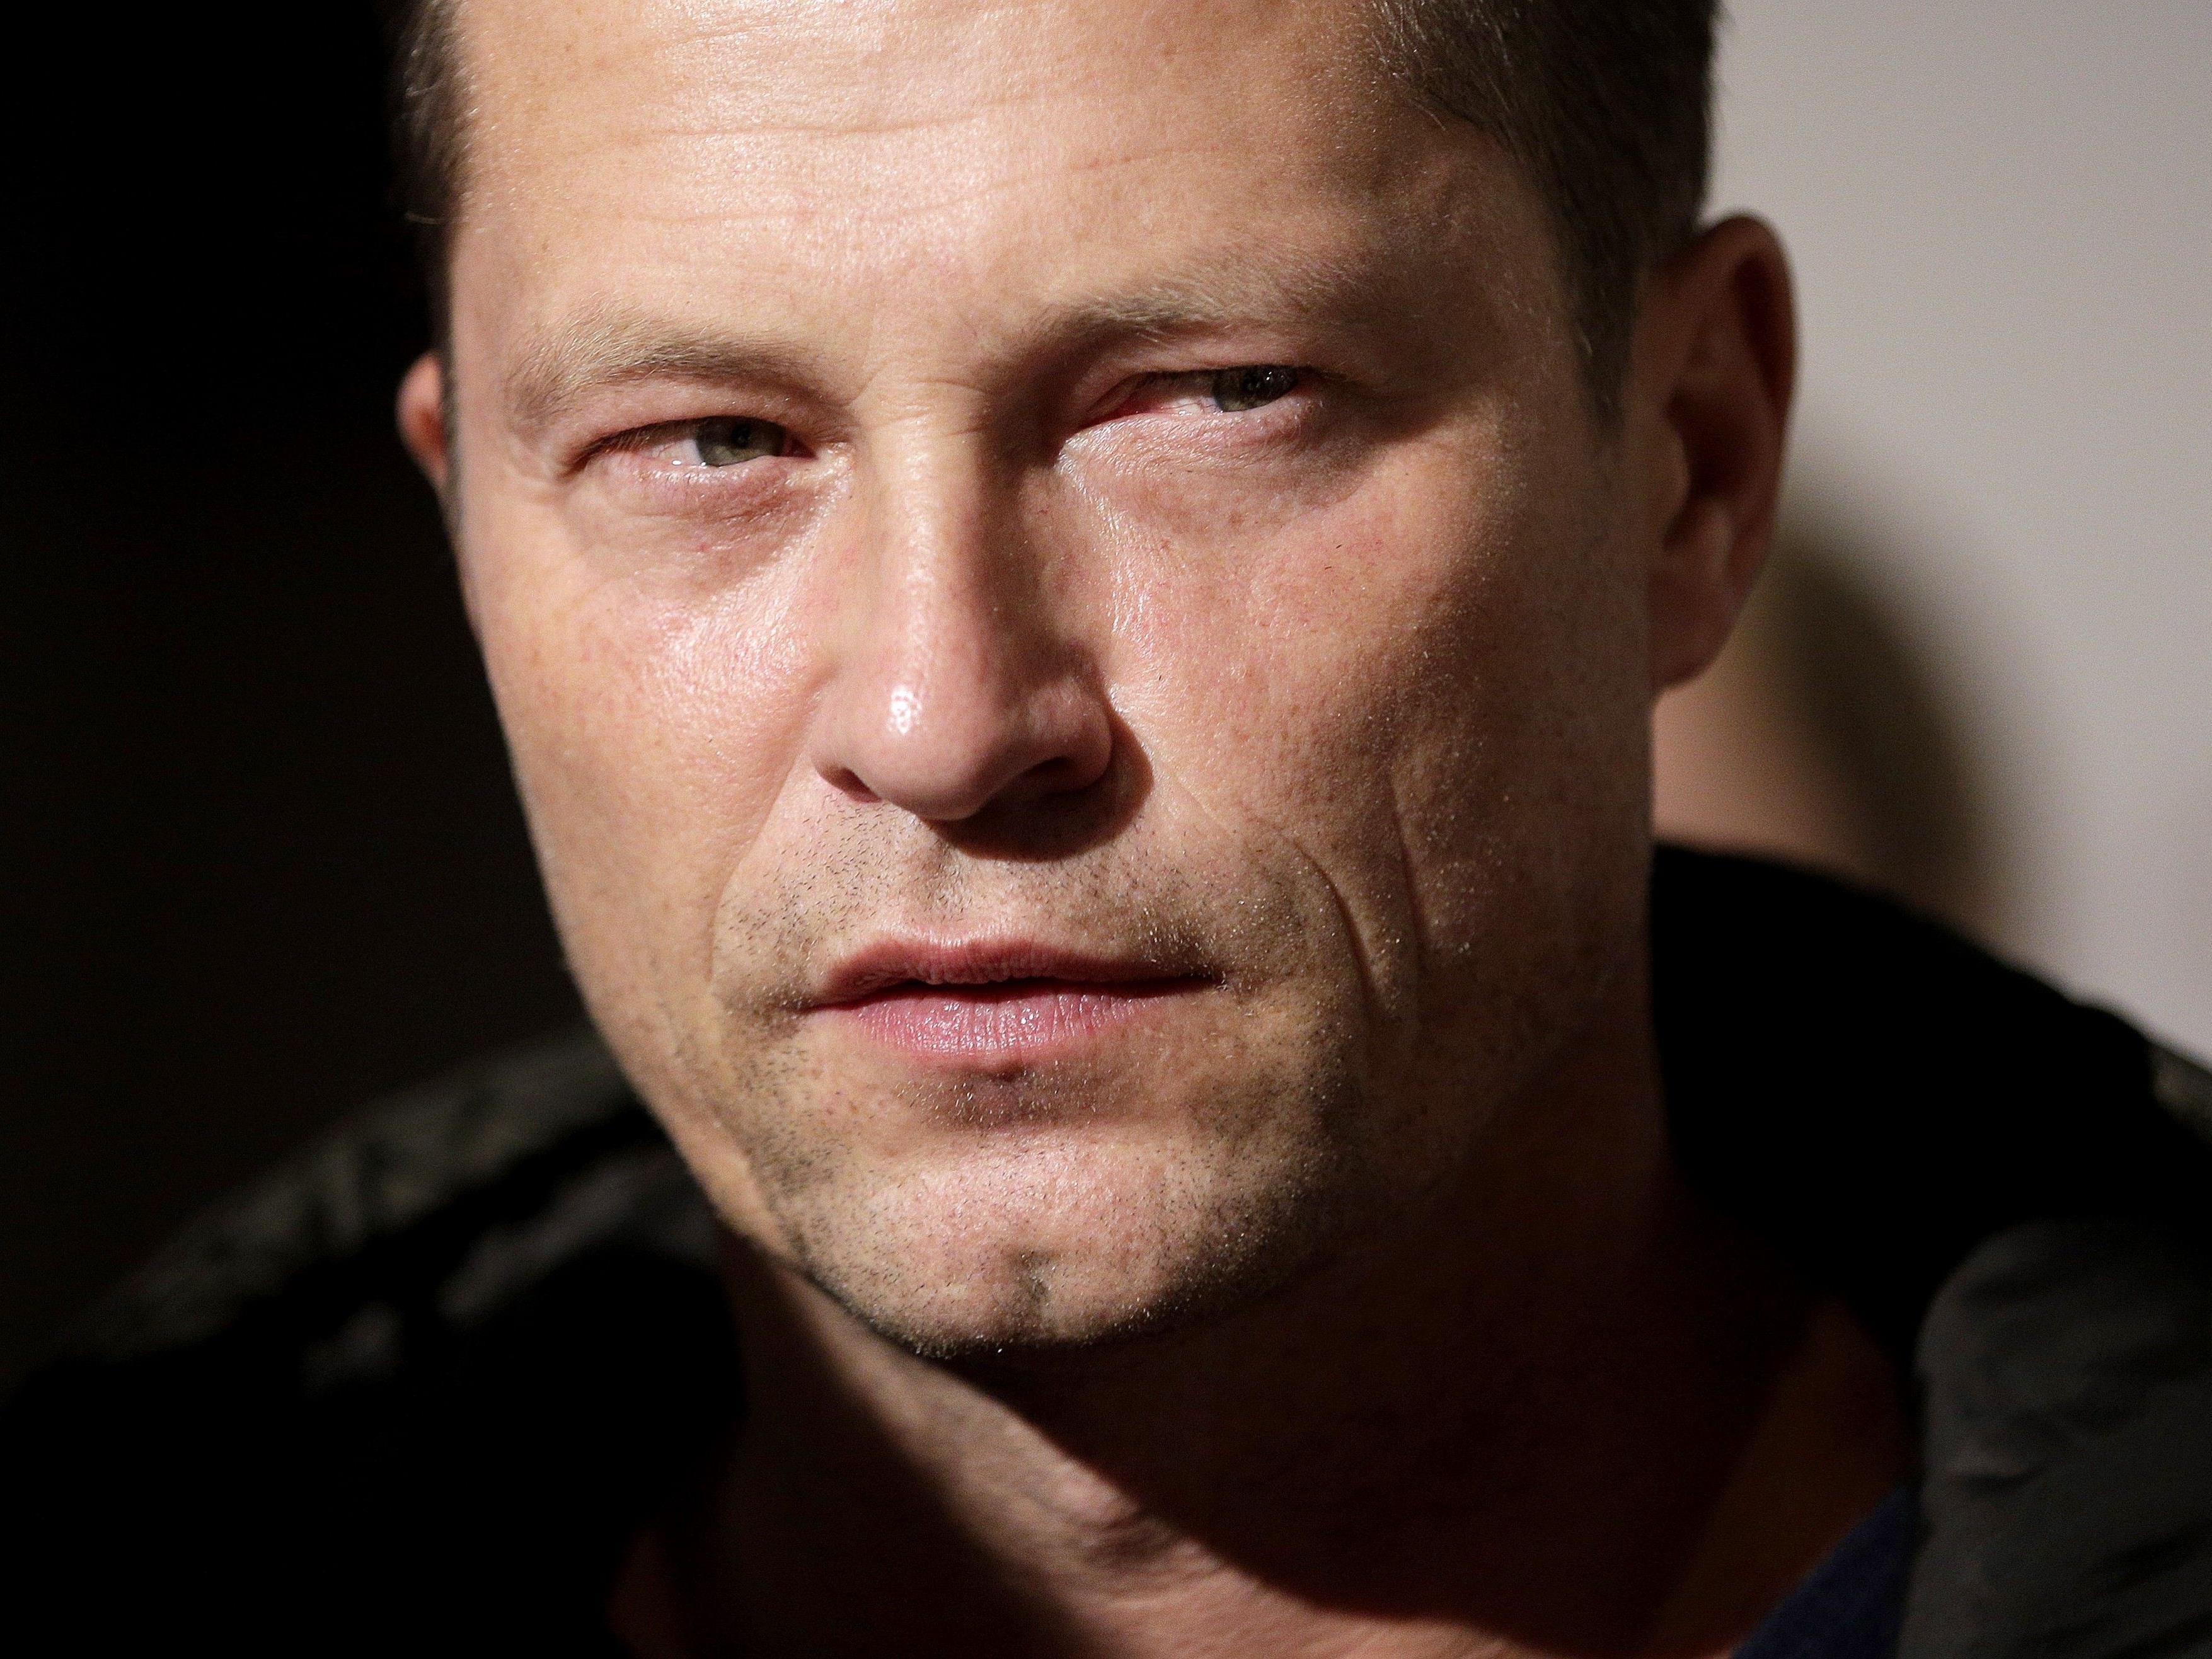 Schauspieler Til Schweiger kritisiert die Ausschreitungen bei den G-20-Protesten in Hamburg.